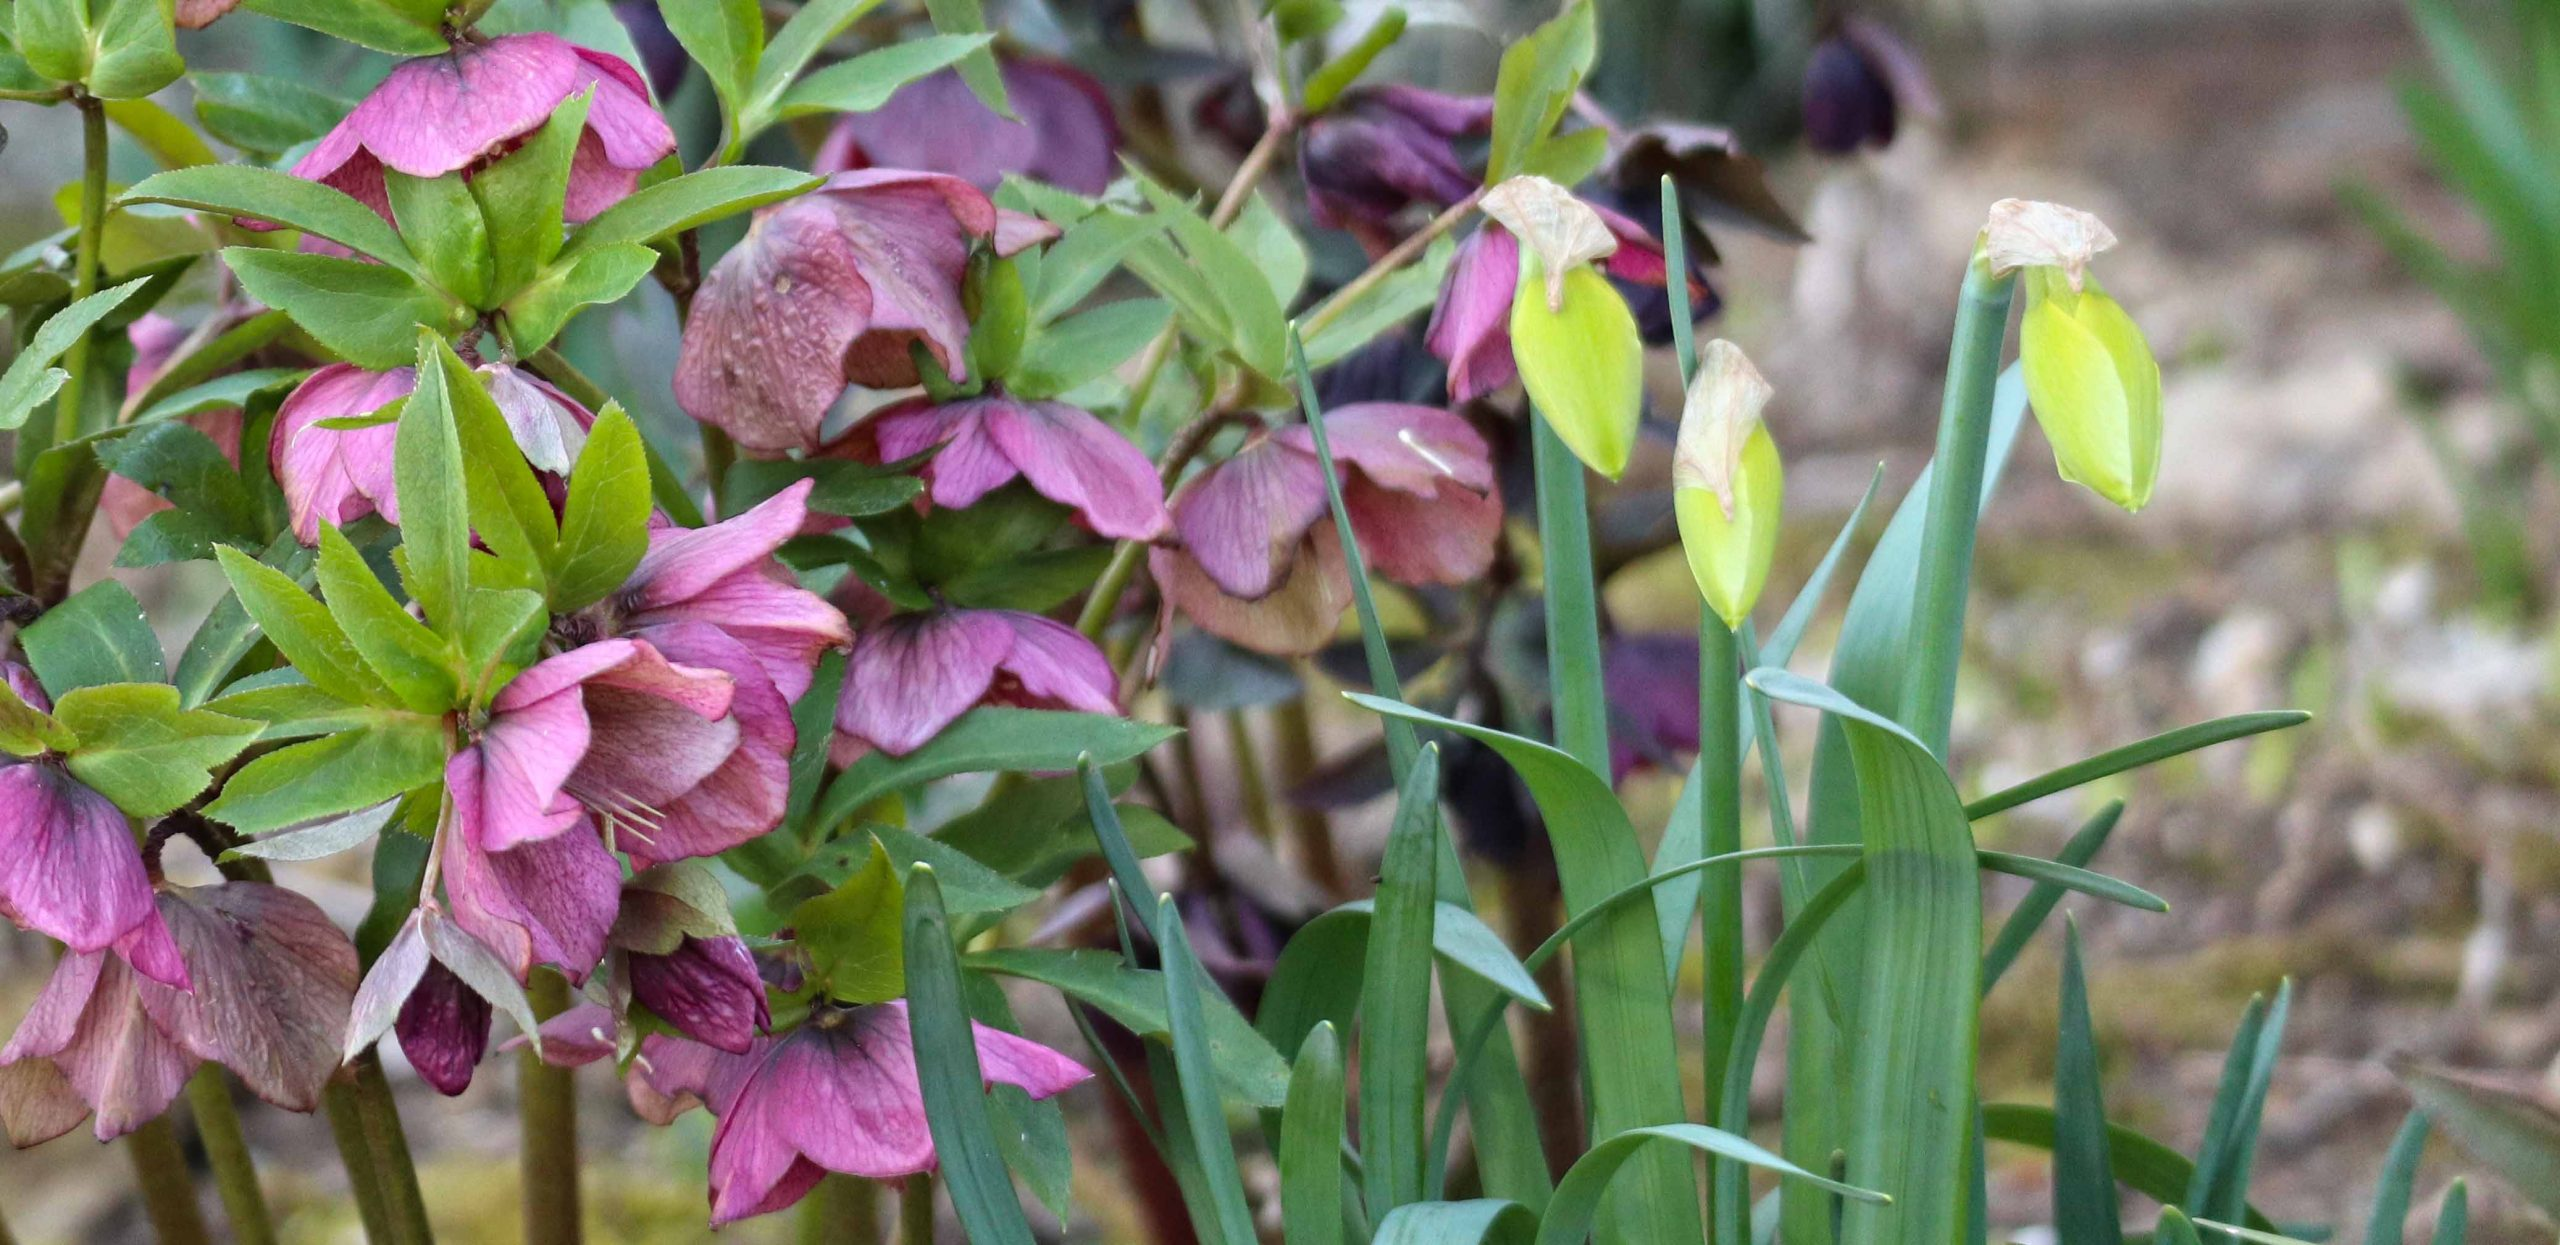 Strupene okrasne rastline - telohi in narcise